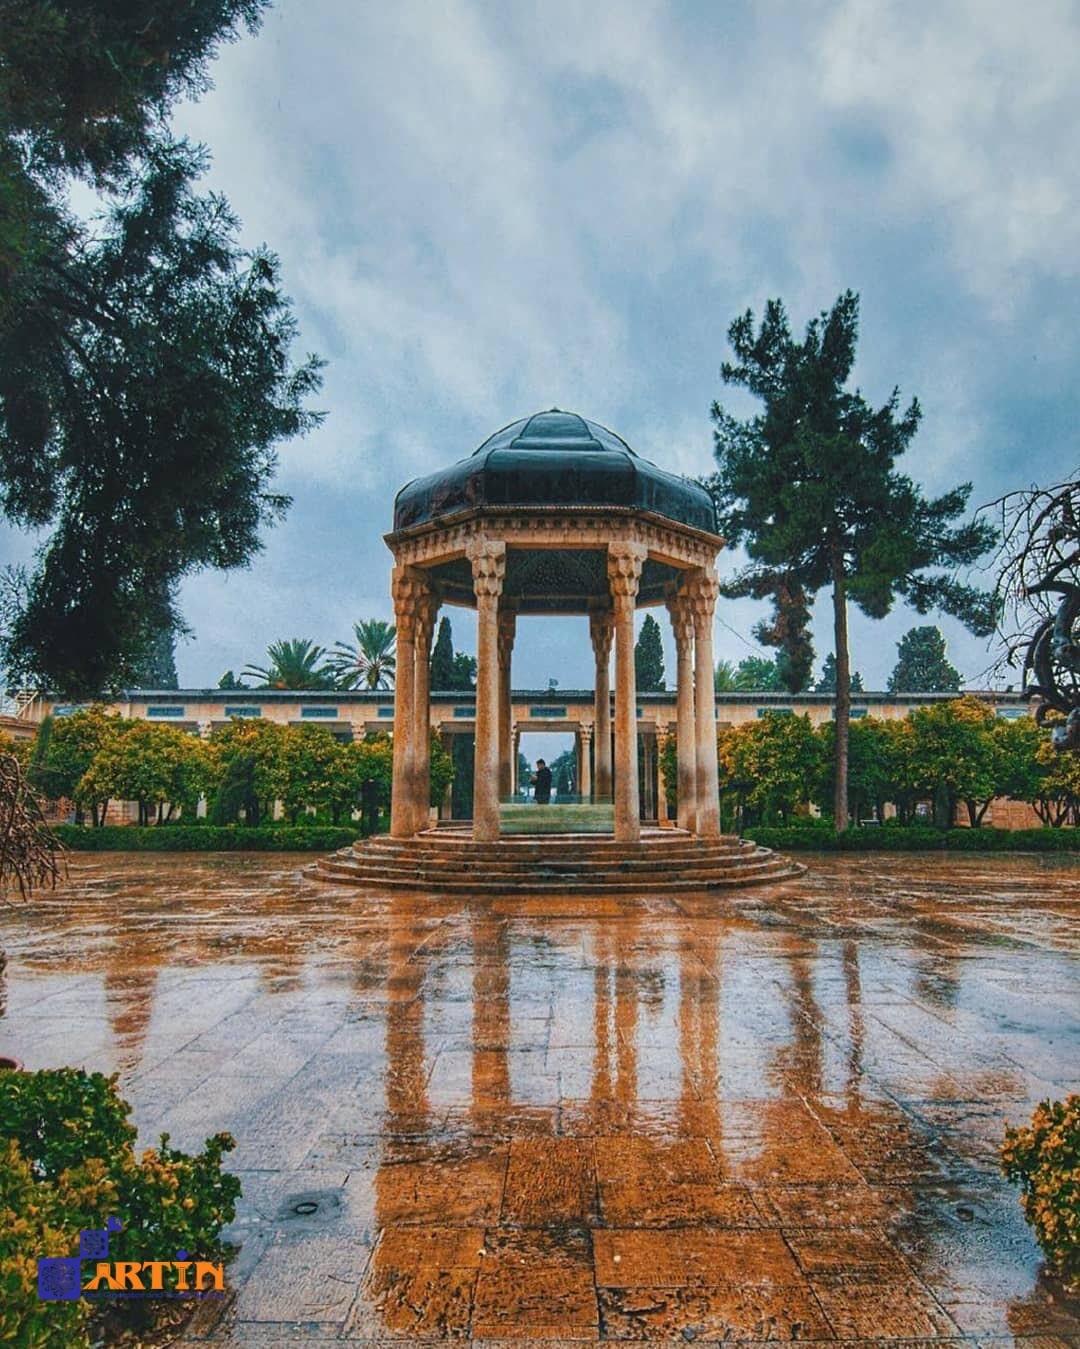 Hafezieh Iran tourist destination travelartin.com